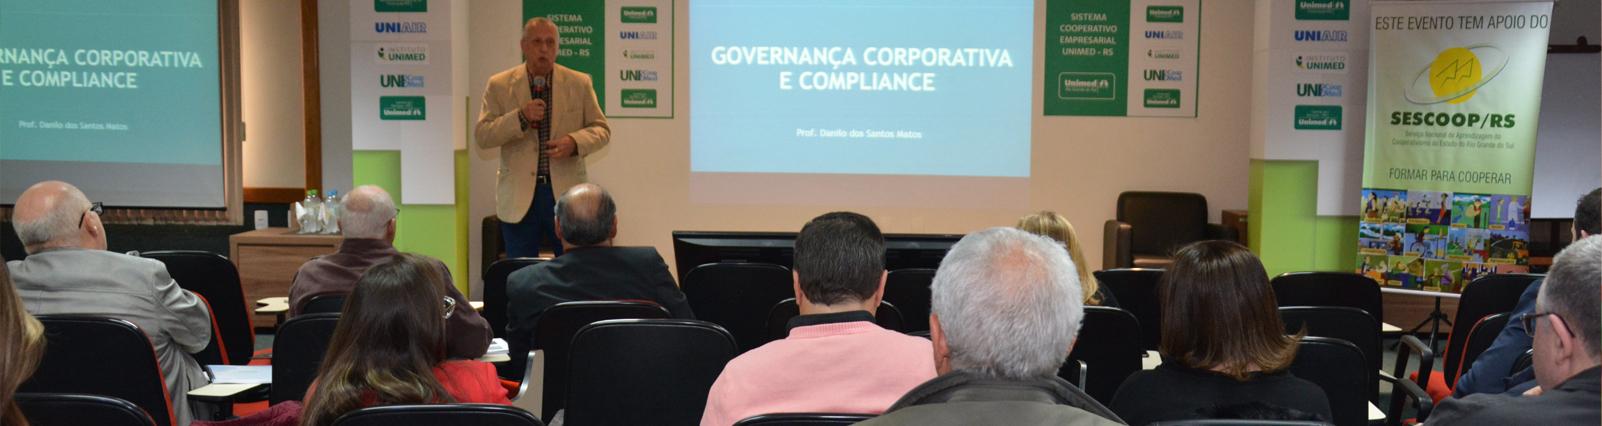 Dirigentes gaúchos participam de capacitação sobre governança e compliance